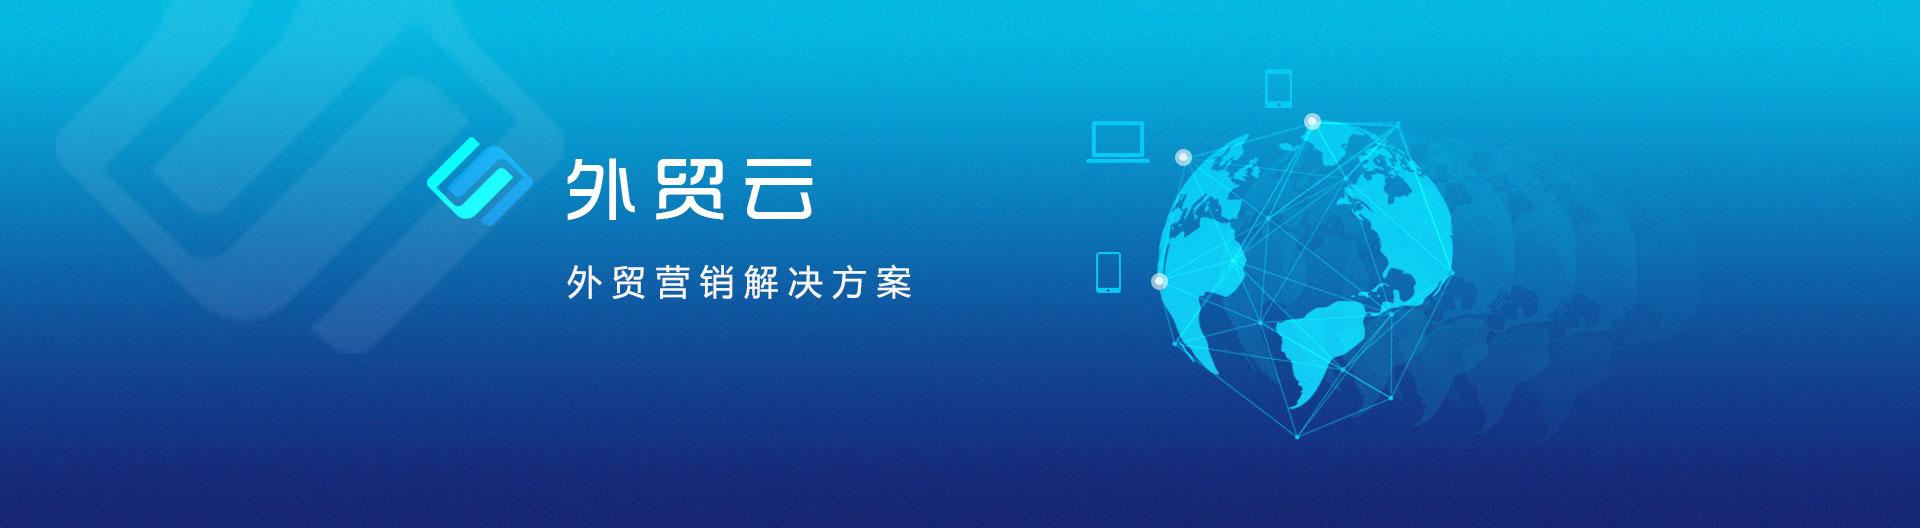 扬州网站建设外贸云